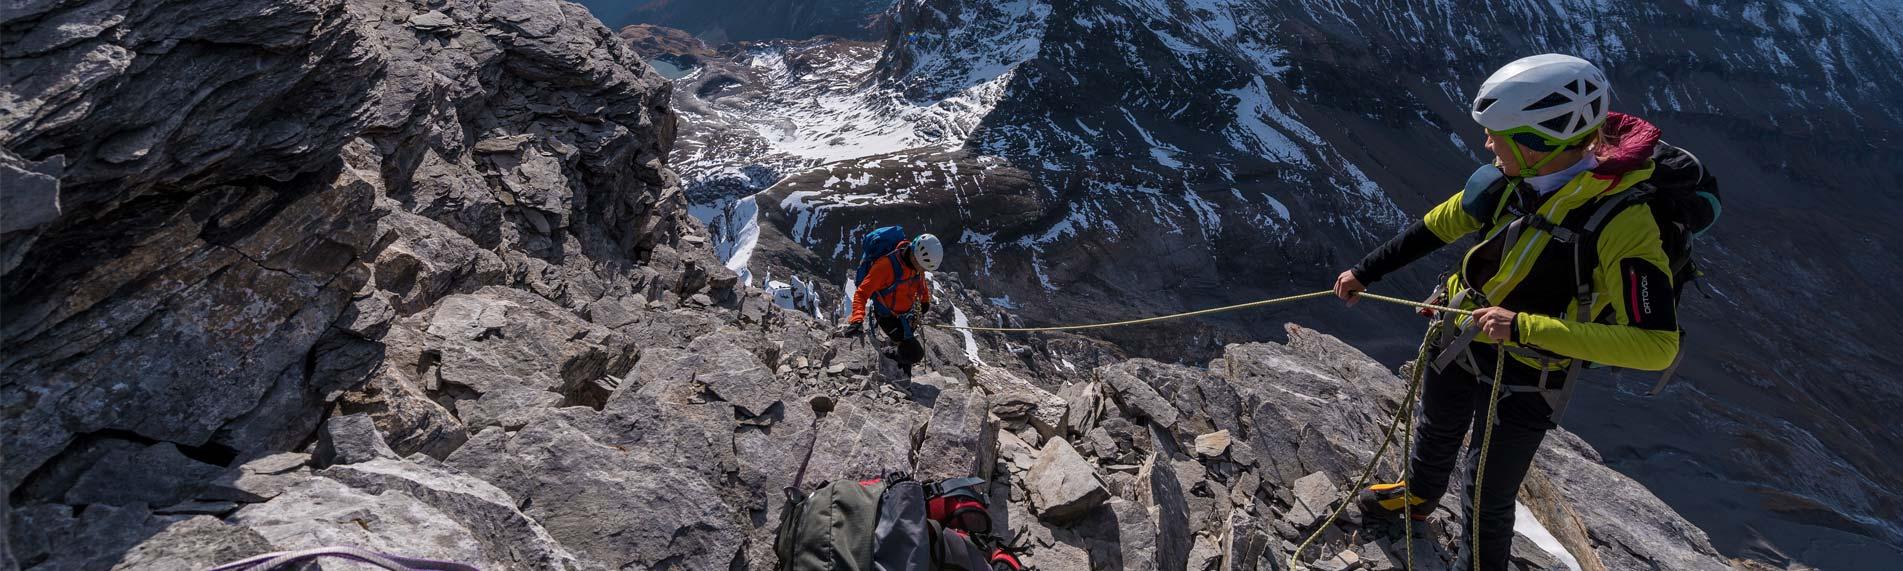 Asekuracja w trudnym terenie górskim (źródło: Edelrid)